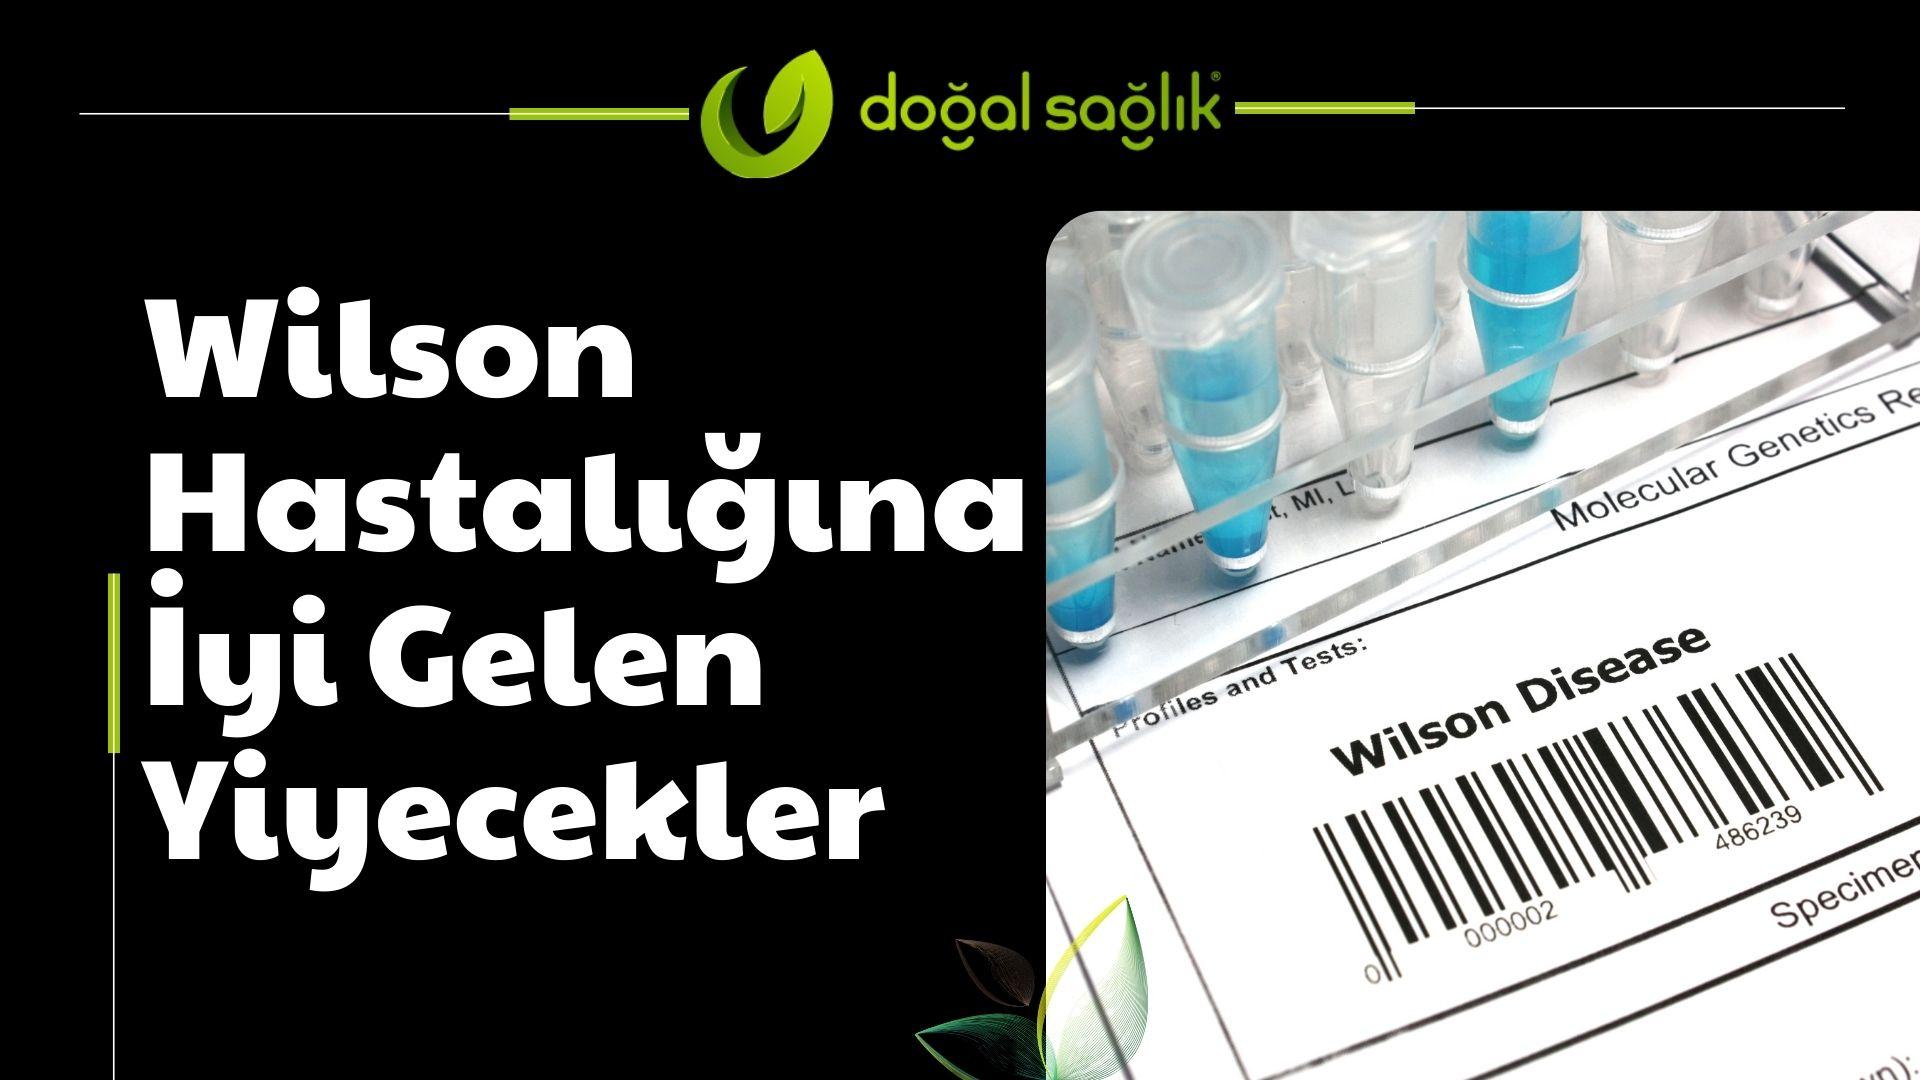 Wilson Hastalığına İyi Gelen Yiyecekler